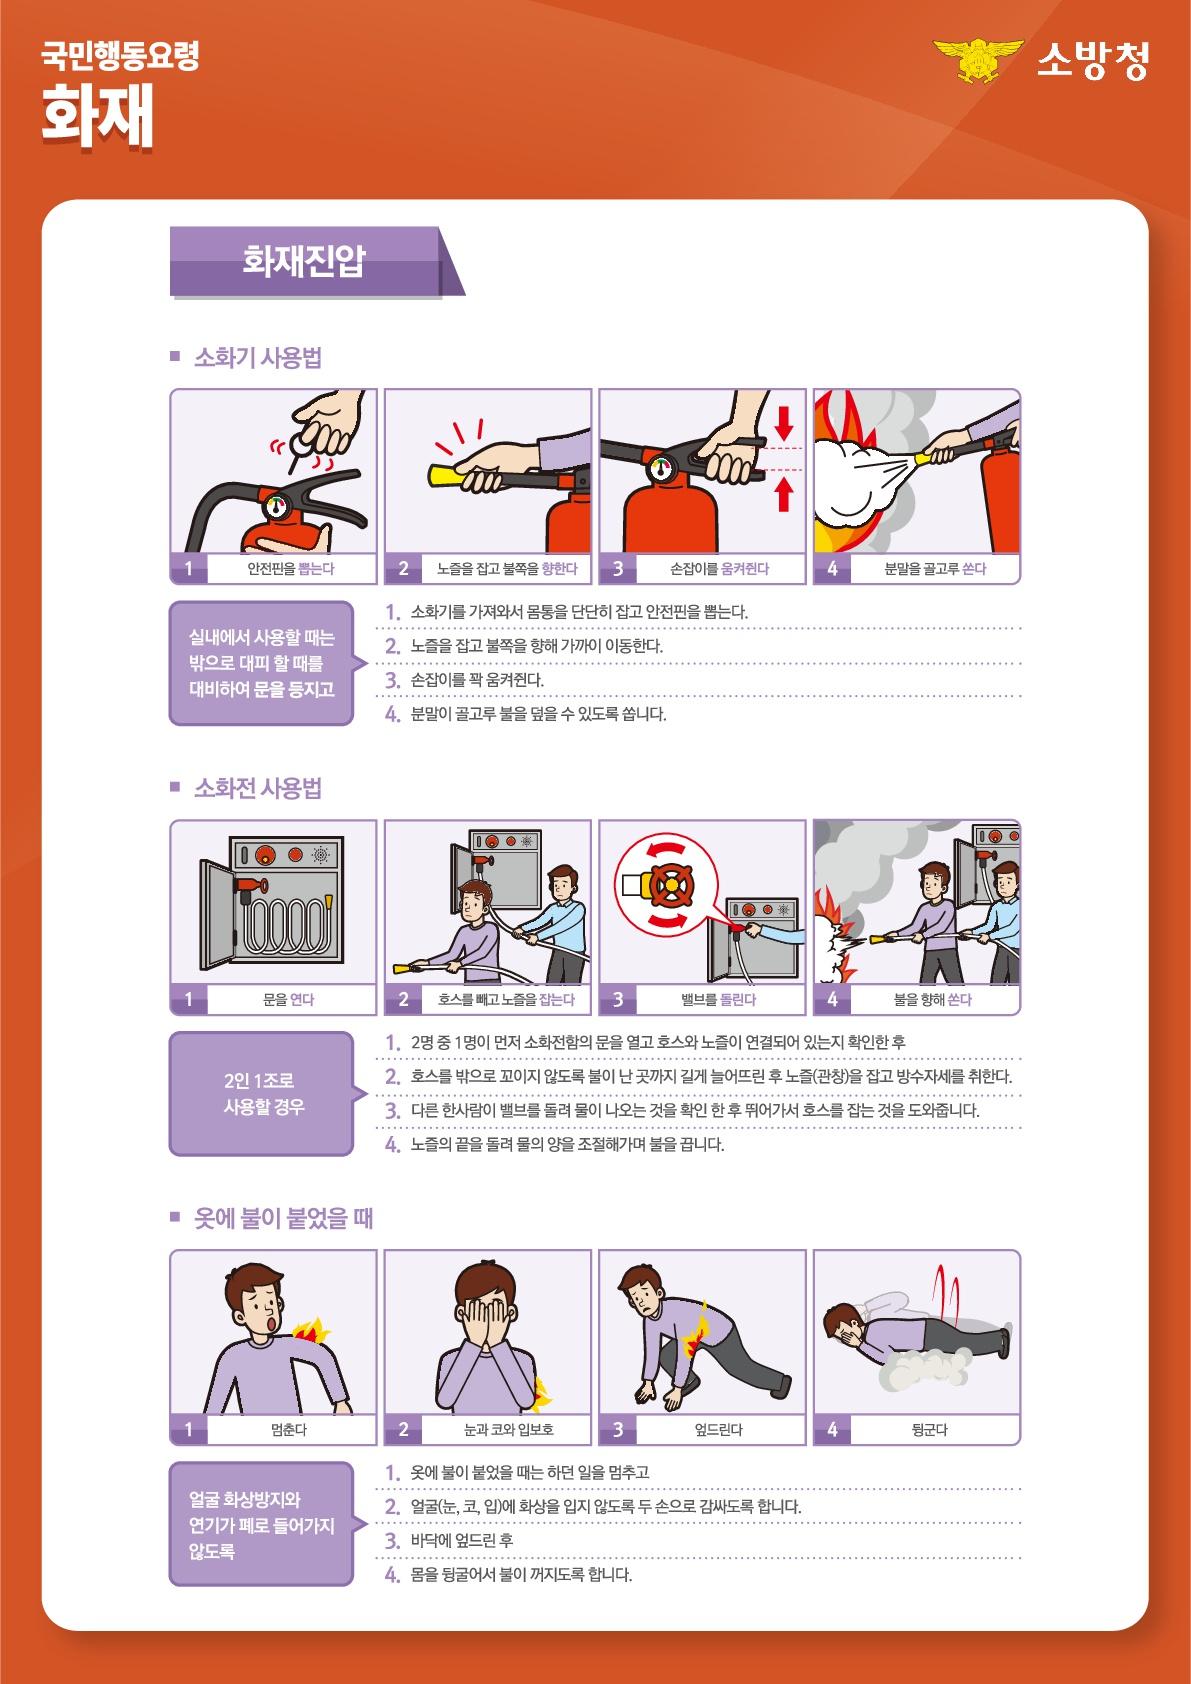 [일반] 화재안전상식의 첨부이미지 4